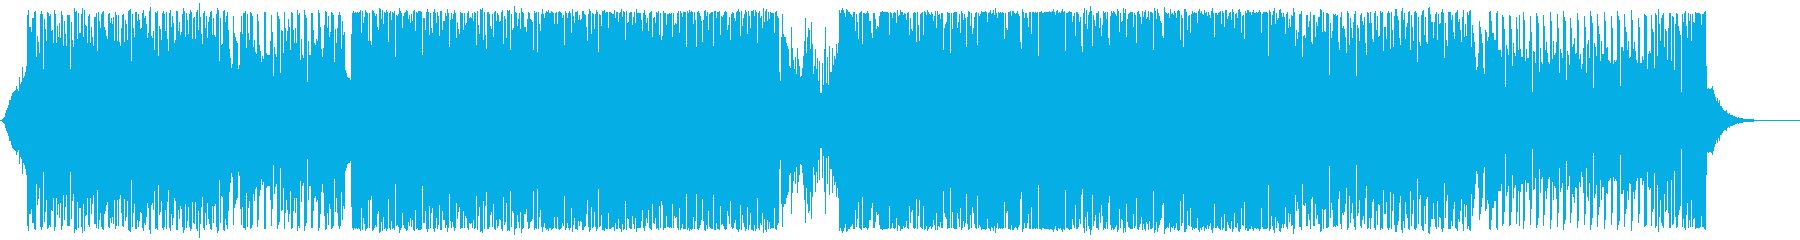 ノリのいいトランス/ハンズアップの再生済みの波形